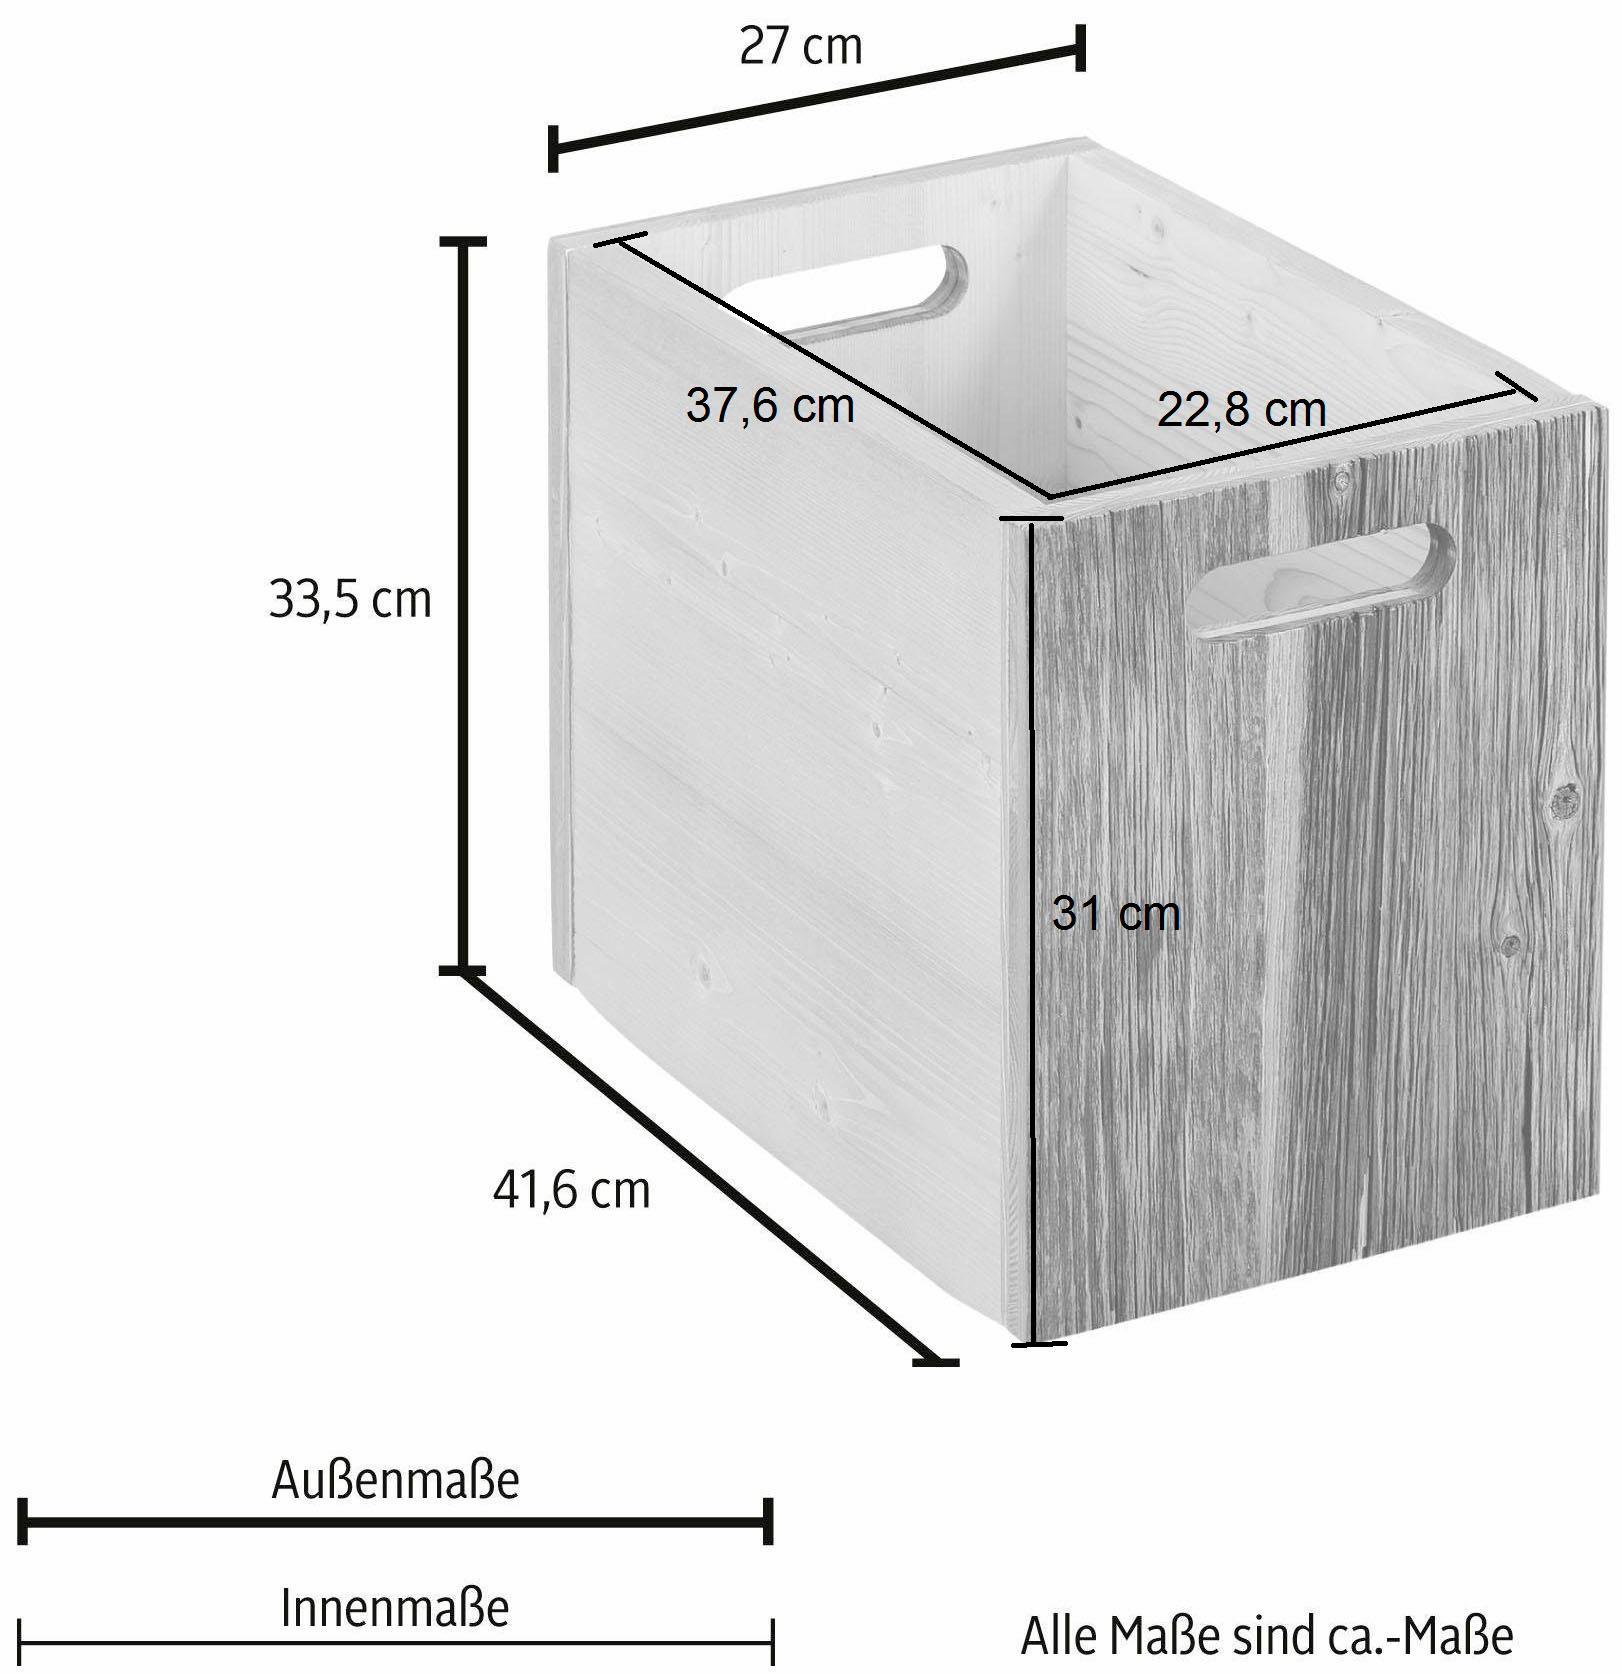 Home affaire Aufbewahrungskiste Wohnen/Möbel/Zubehör für Möbel/Zubehör für Regale